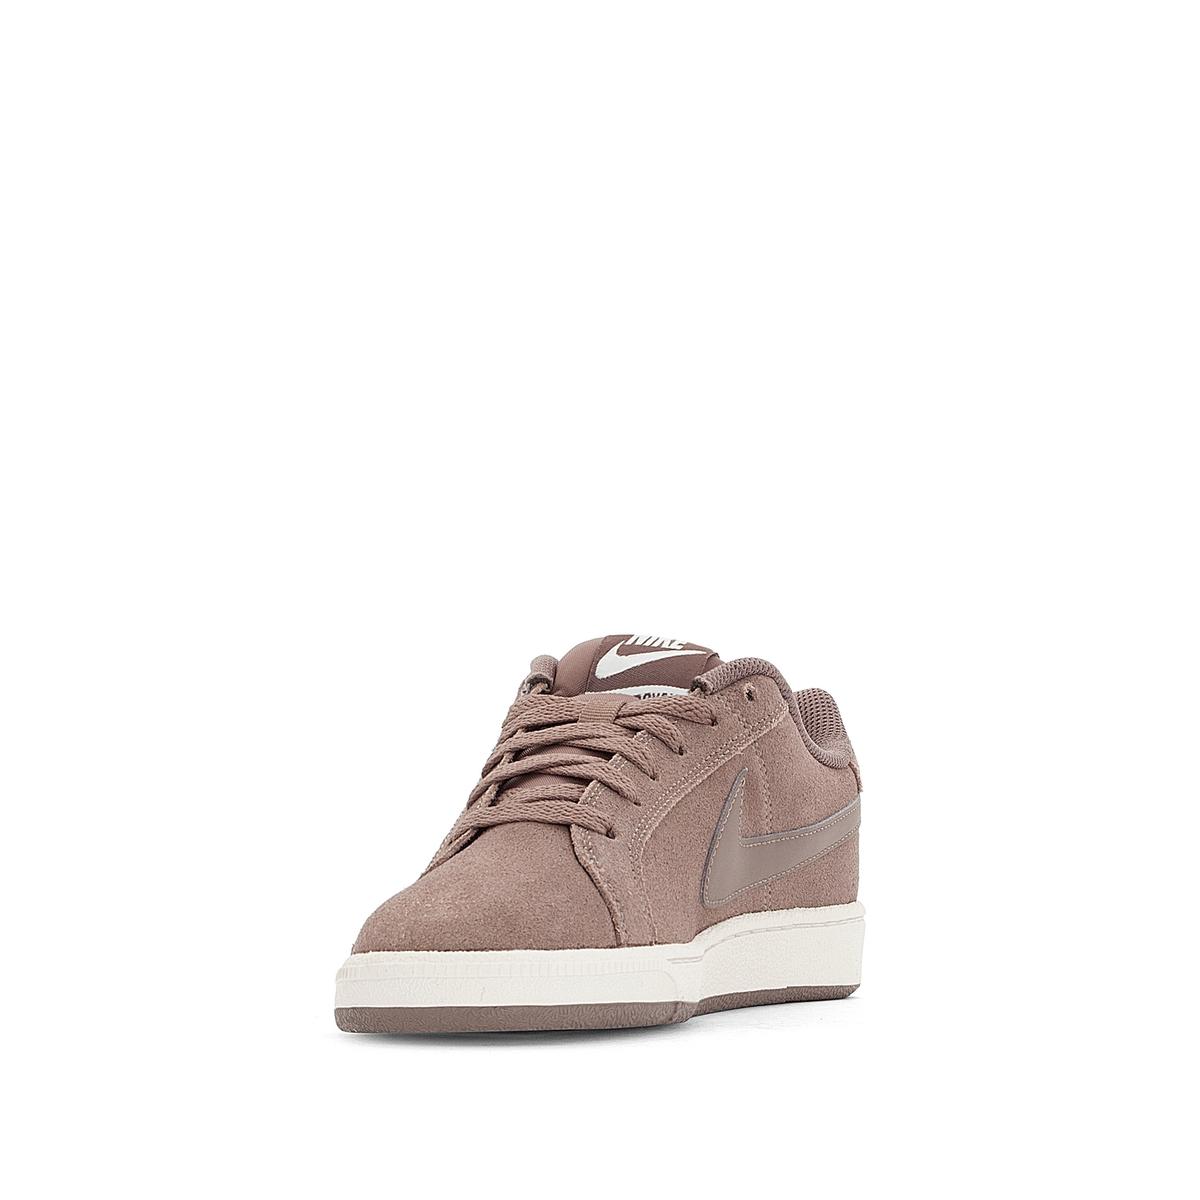 Imagen secundaria de producto de Zapatillas Court Royale Suede - Nike